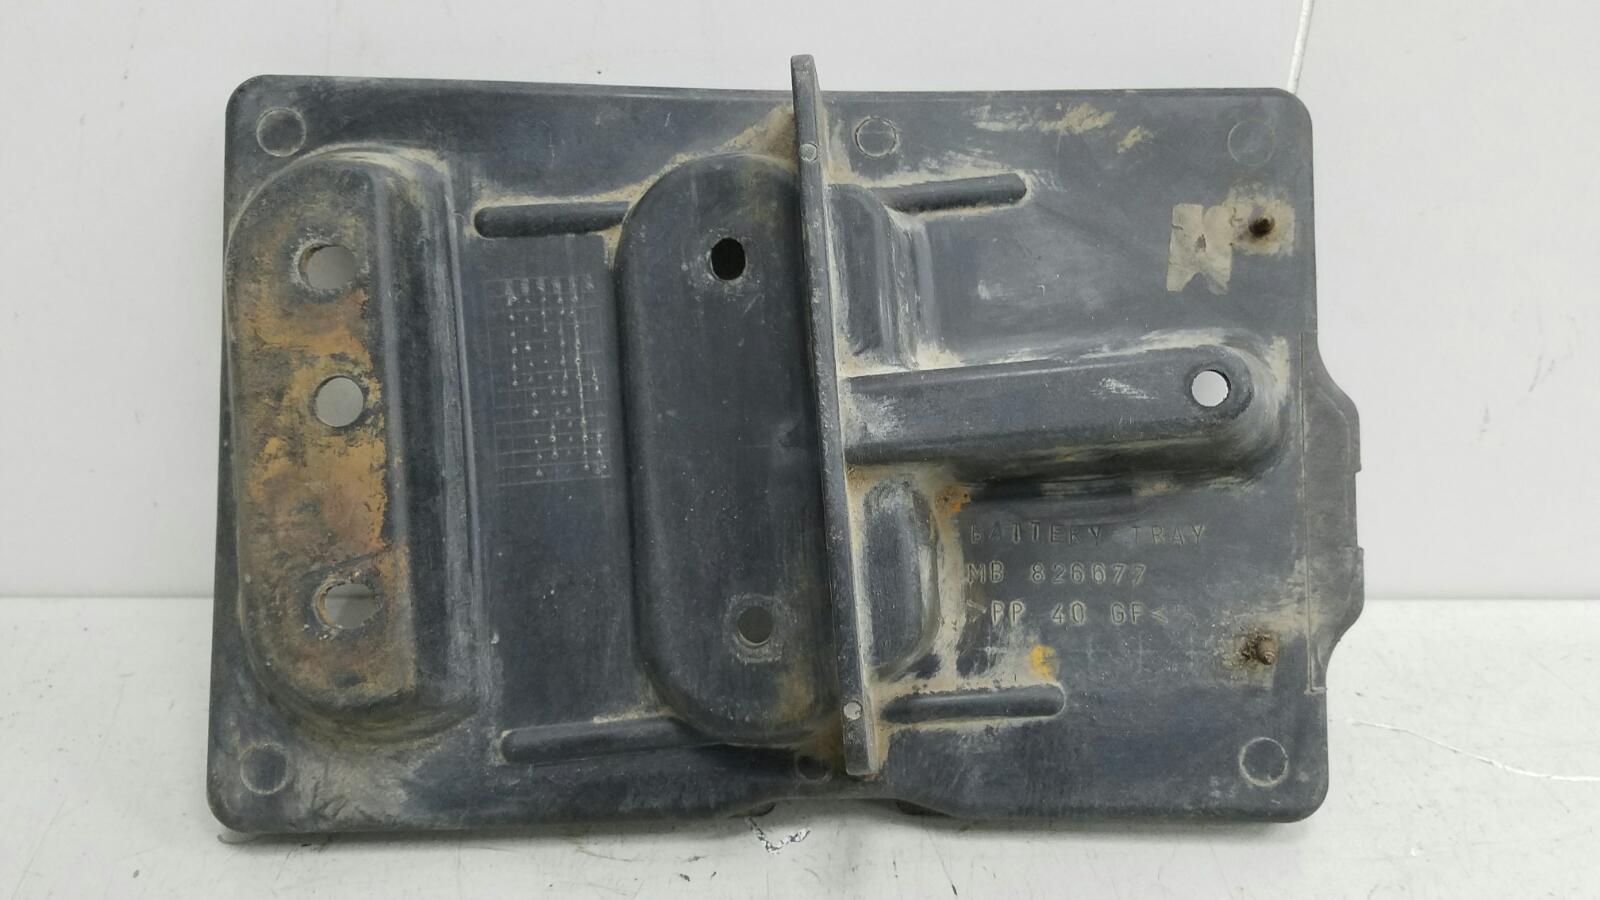 Крышка аккумулятора Proton Persona 400 415 4G15 1999